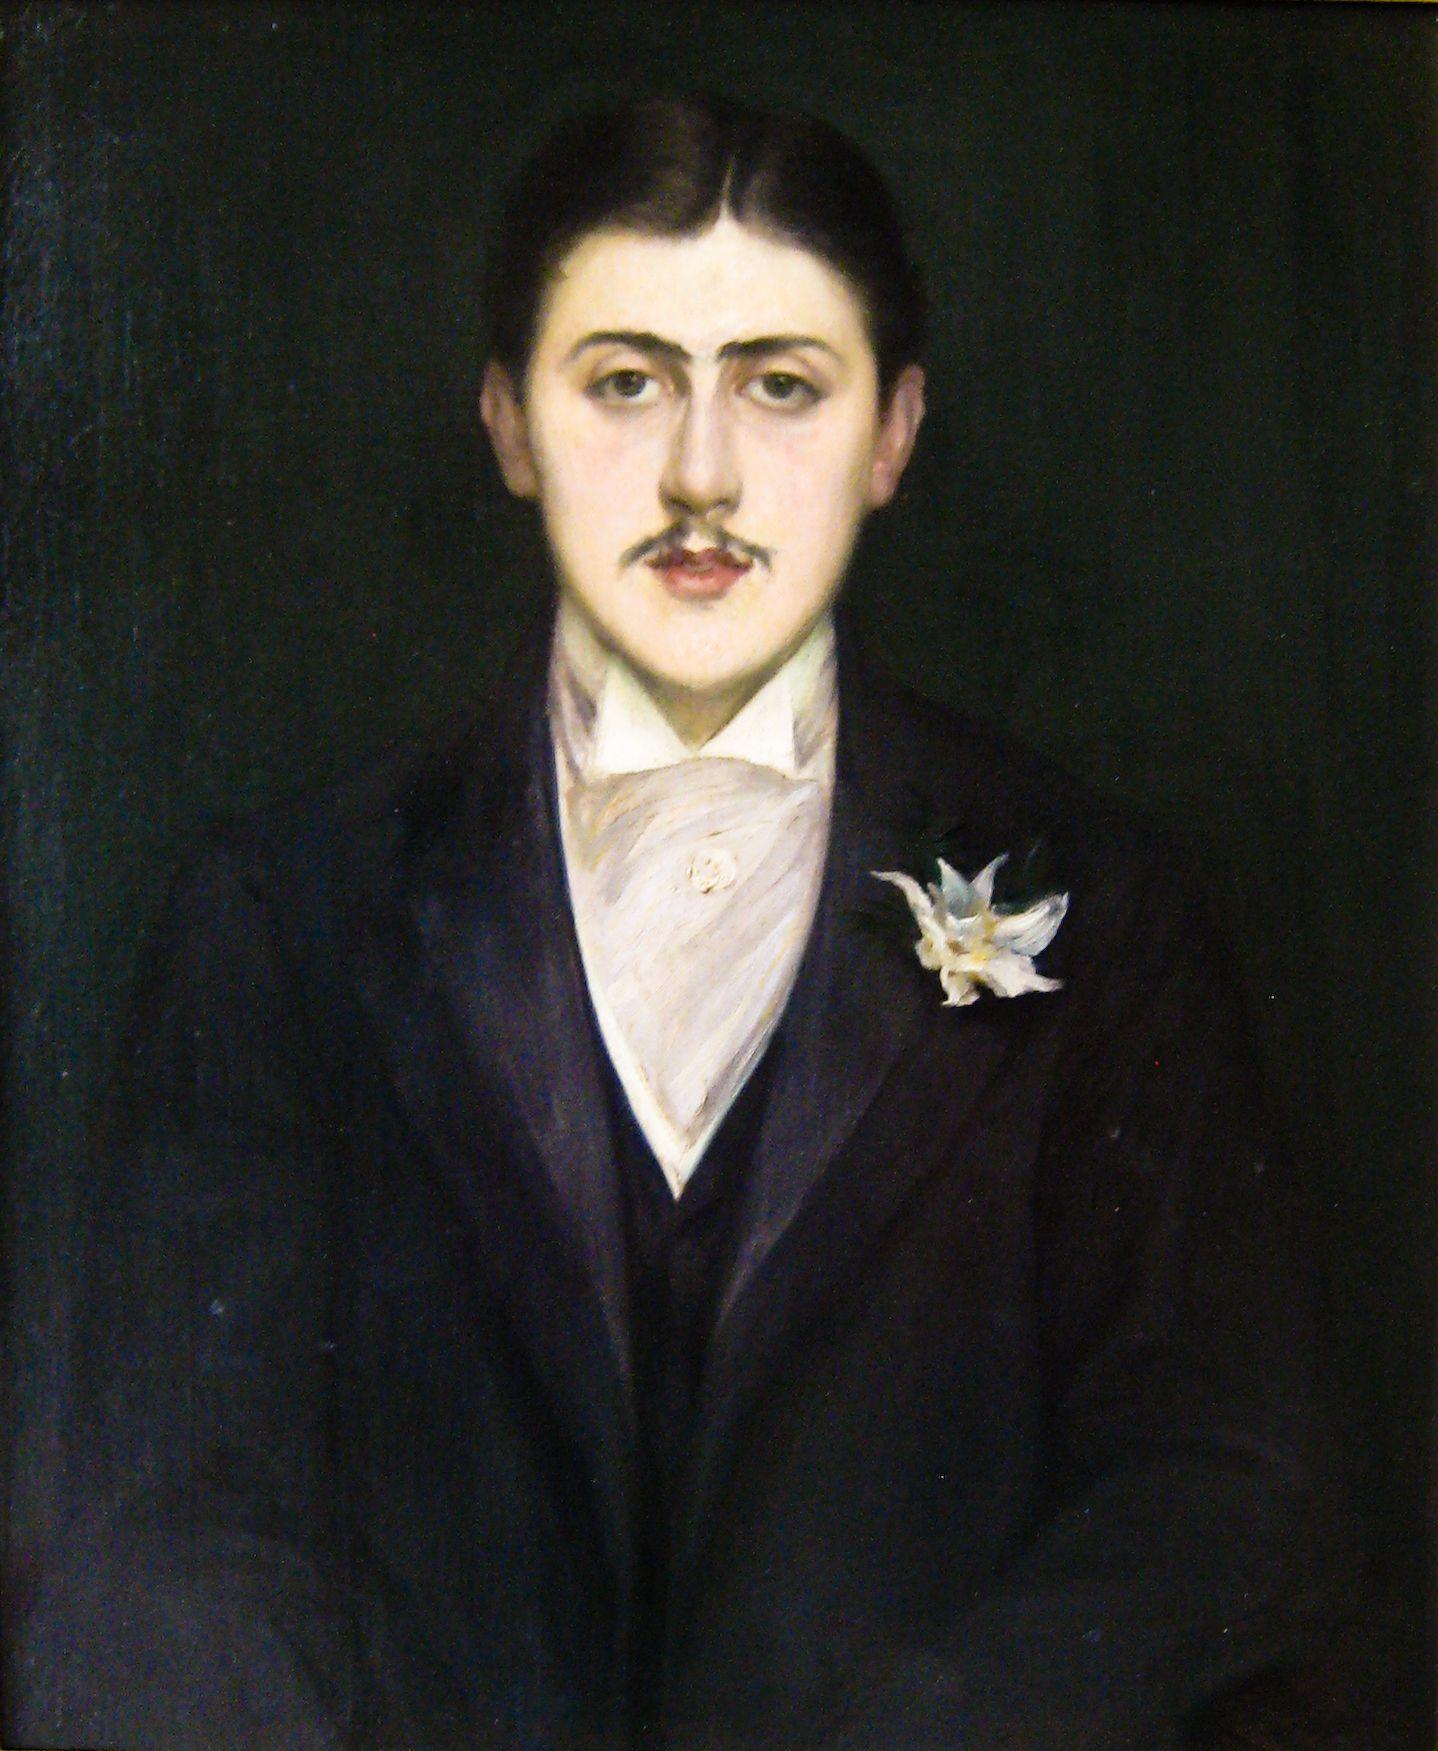 Resultado de imagen de jacques-emile blanche Marcel Proust